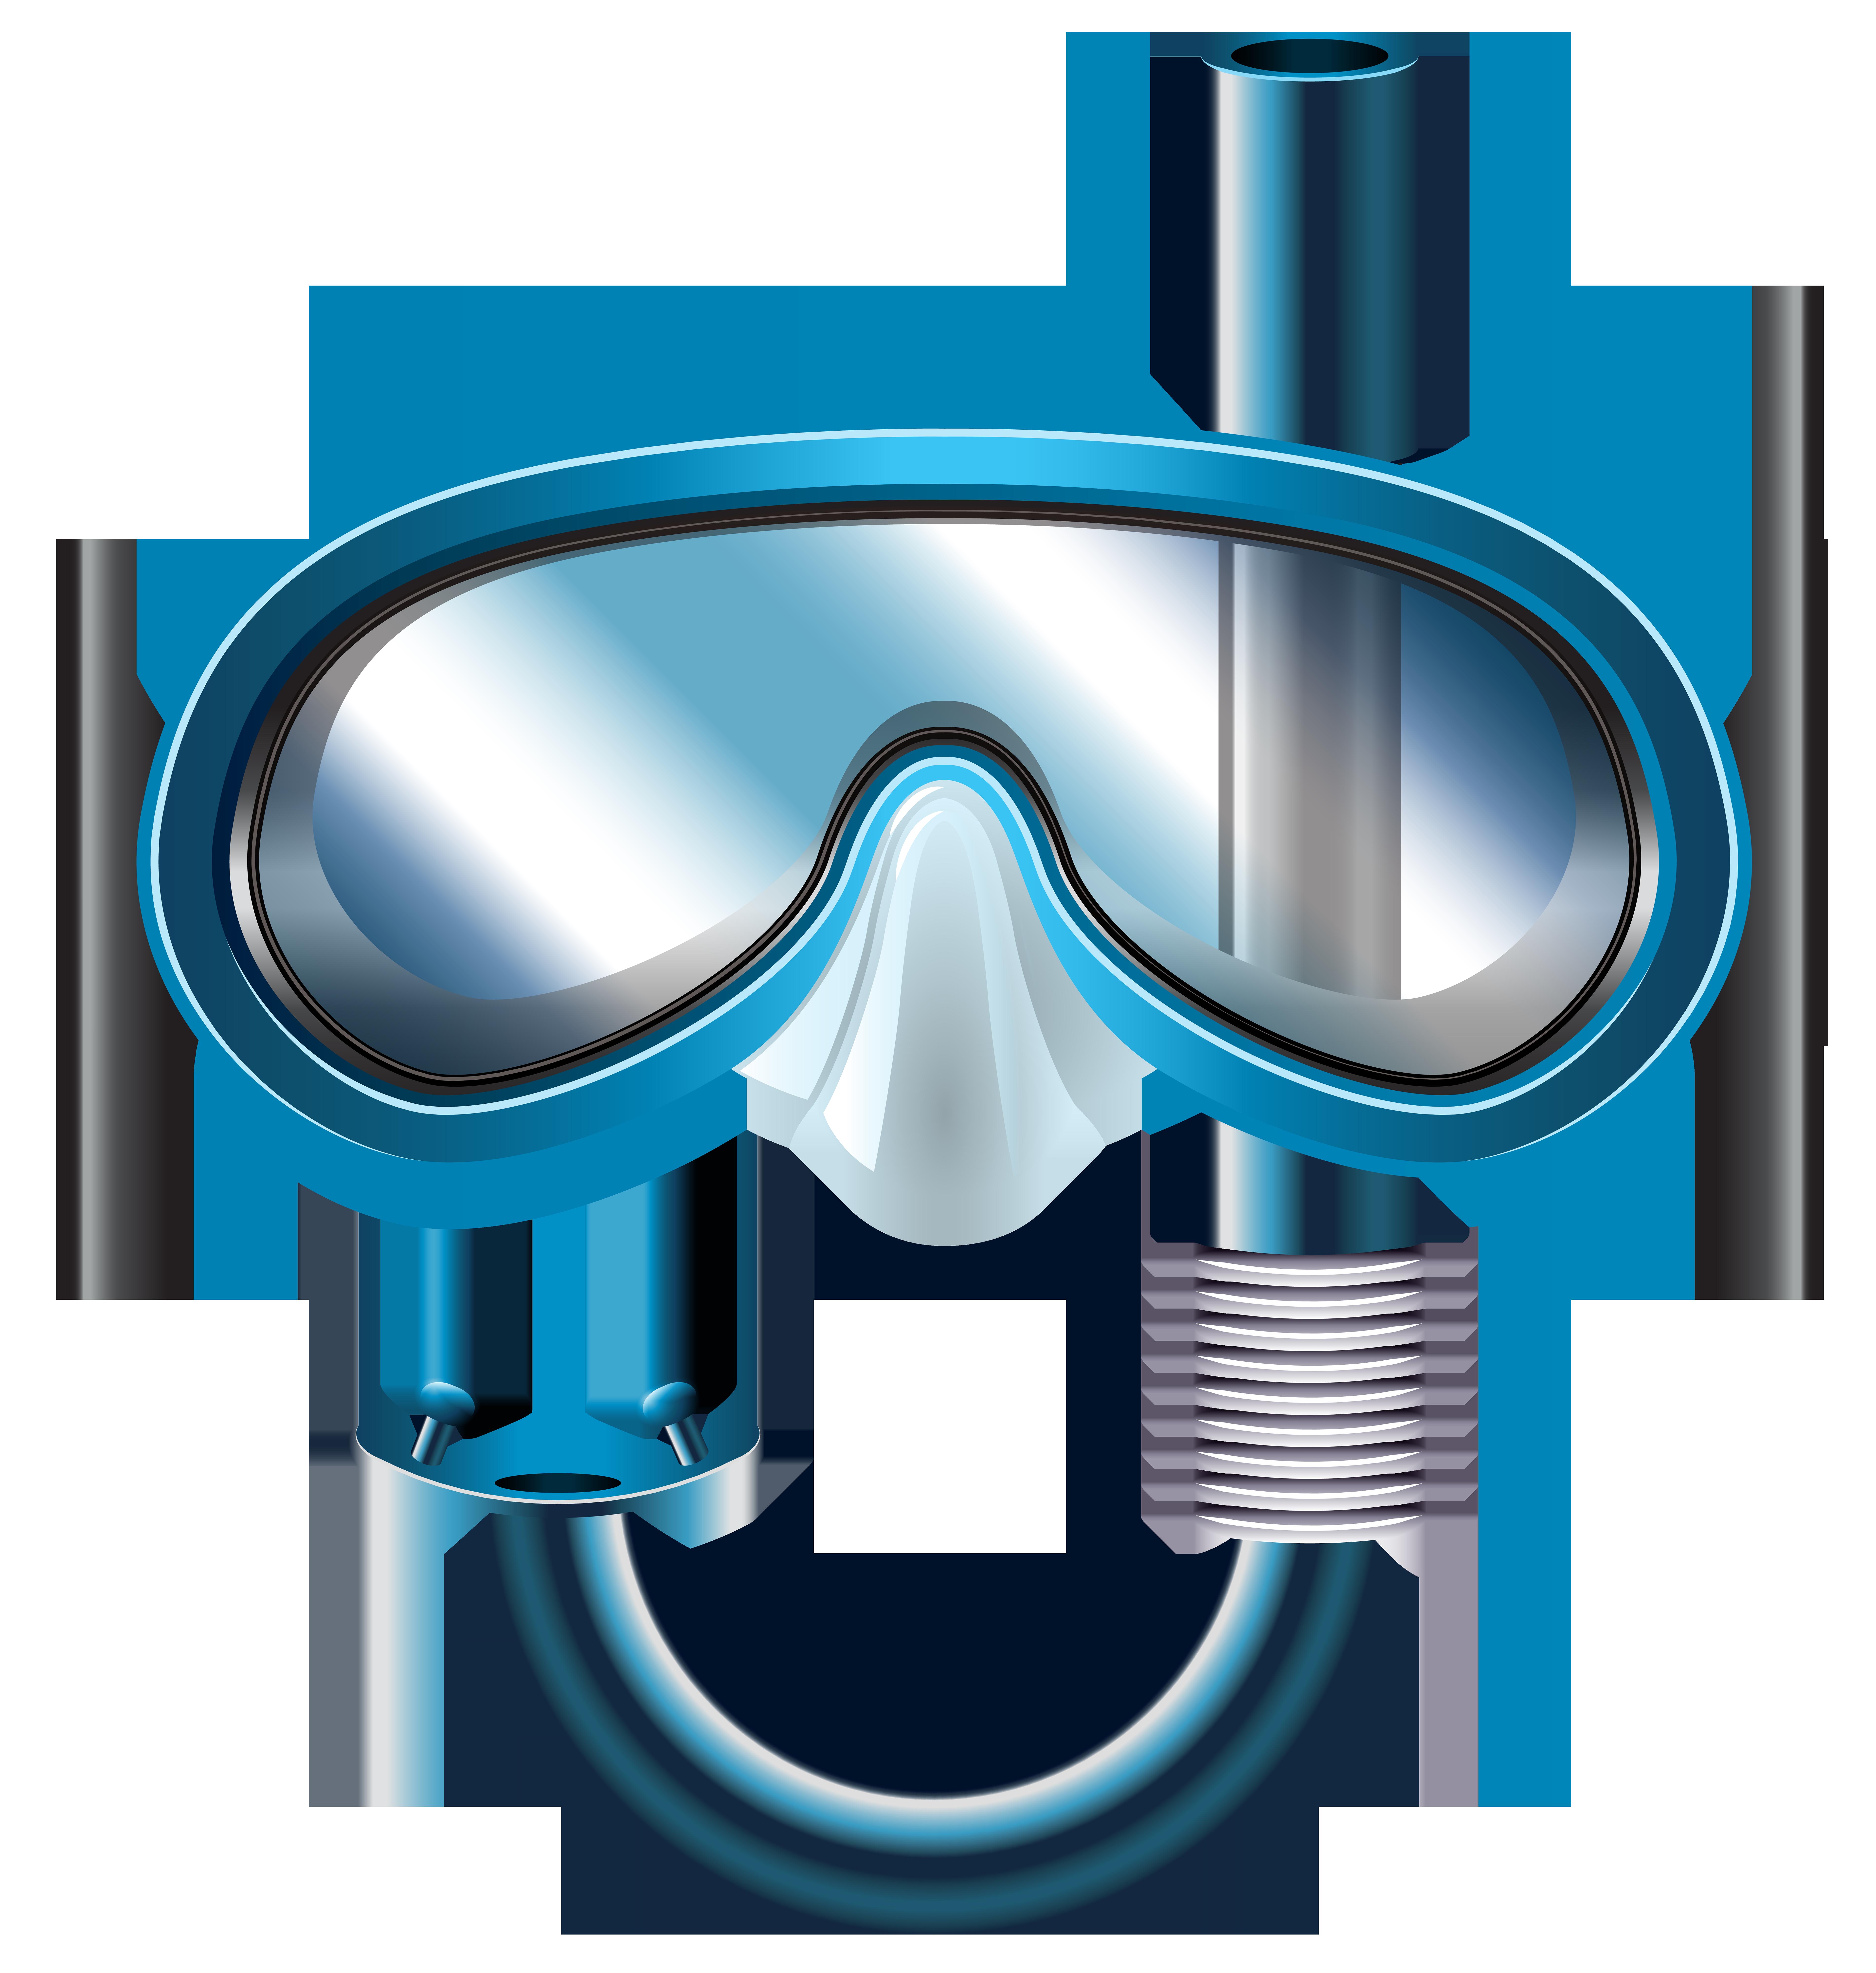 7608x8000 Snorkel Mask Png Clip Art